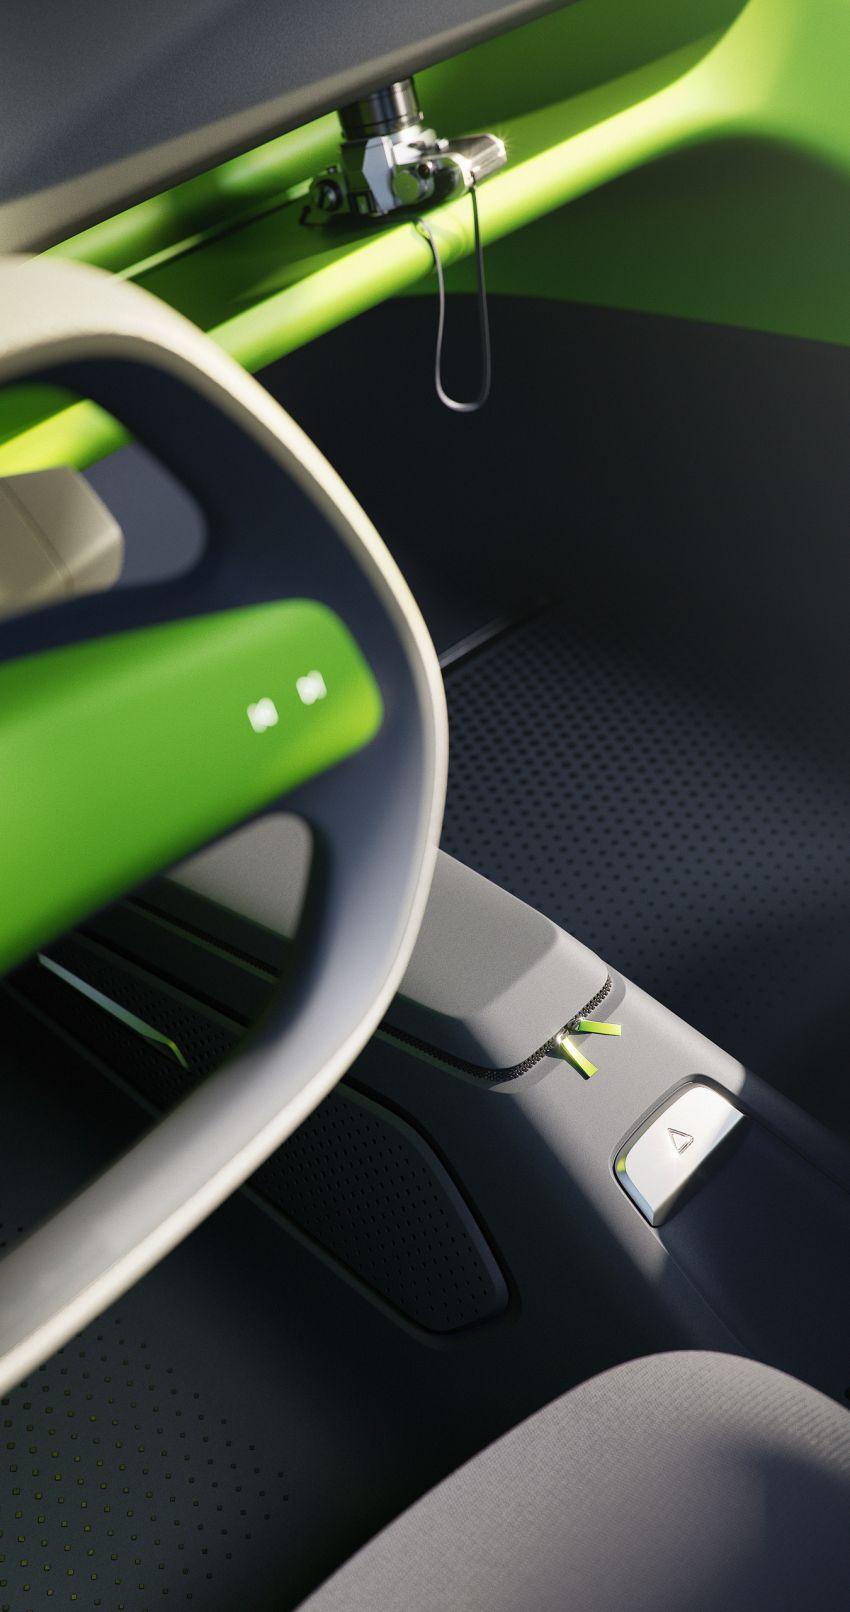 Volkswagen I.D. Buggy bawa konsep santai – dipacu motor elektrik 204 PS, tiada bumbung dan pintu Image #931533